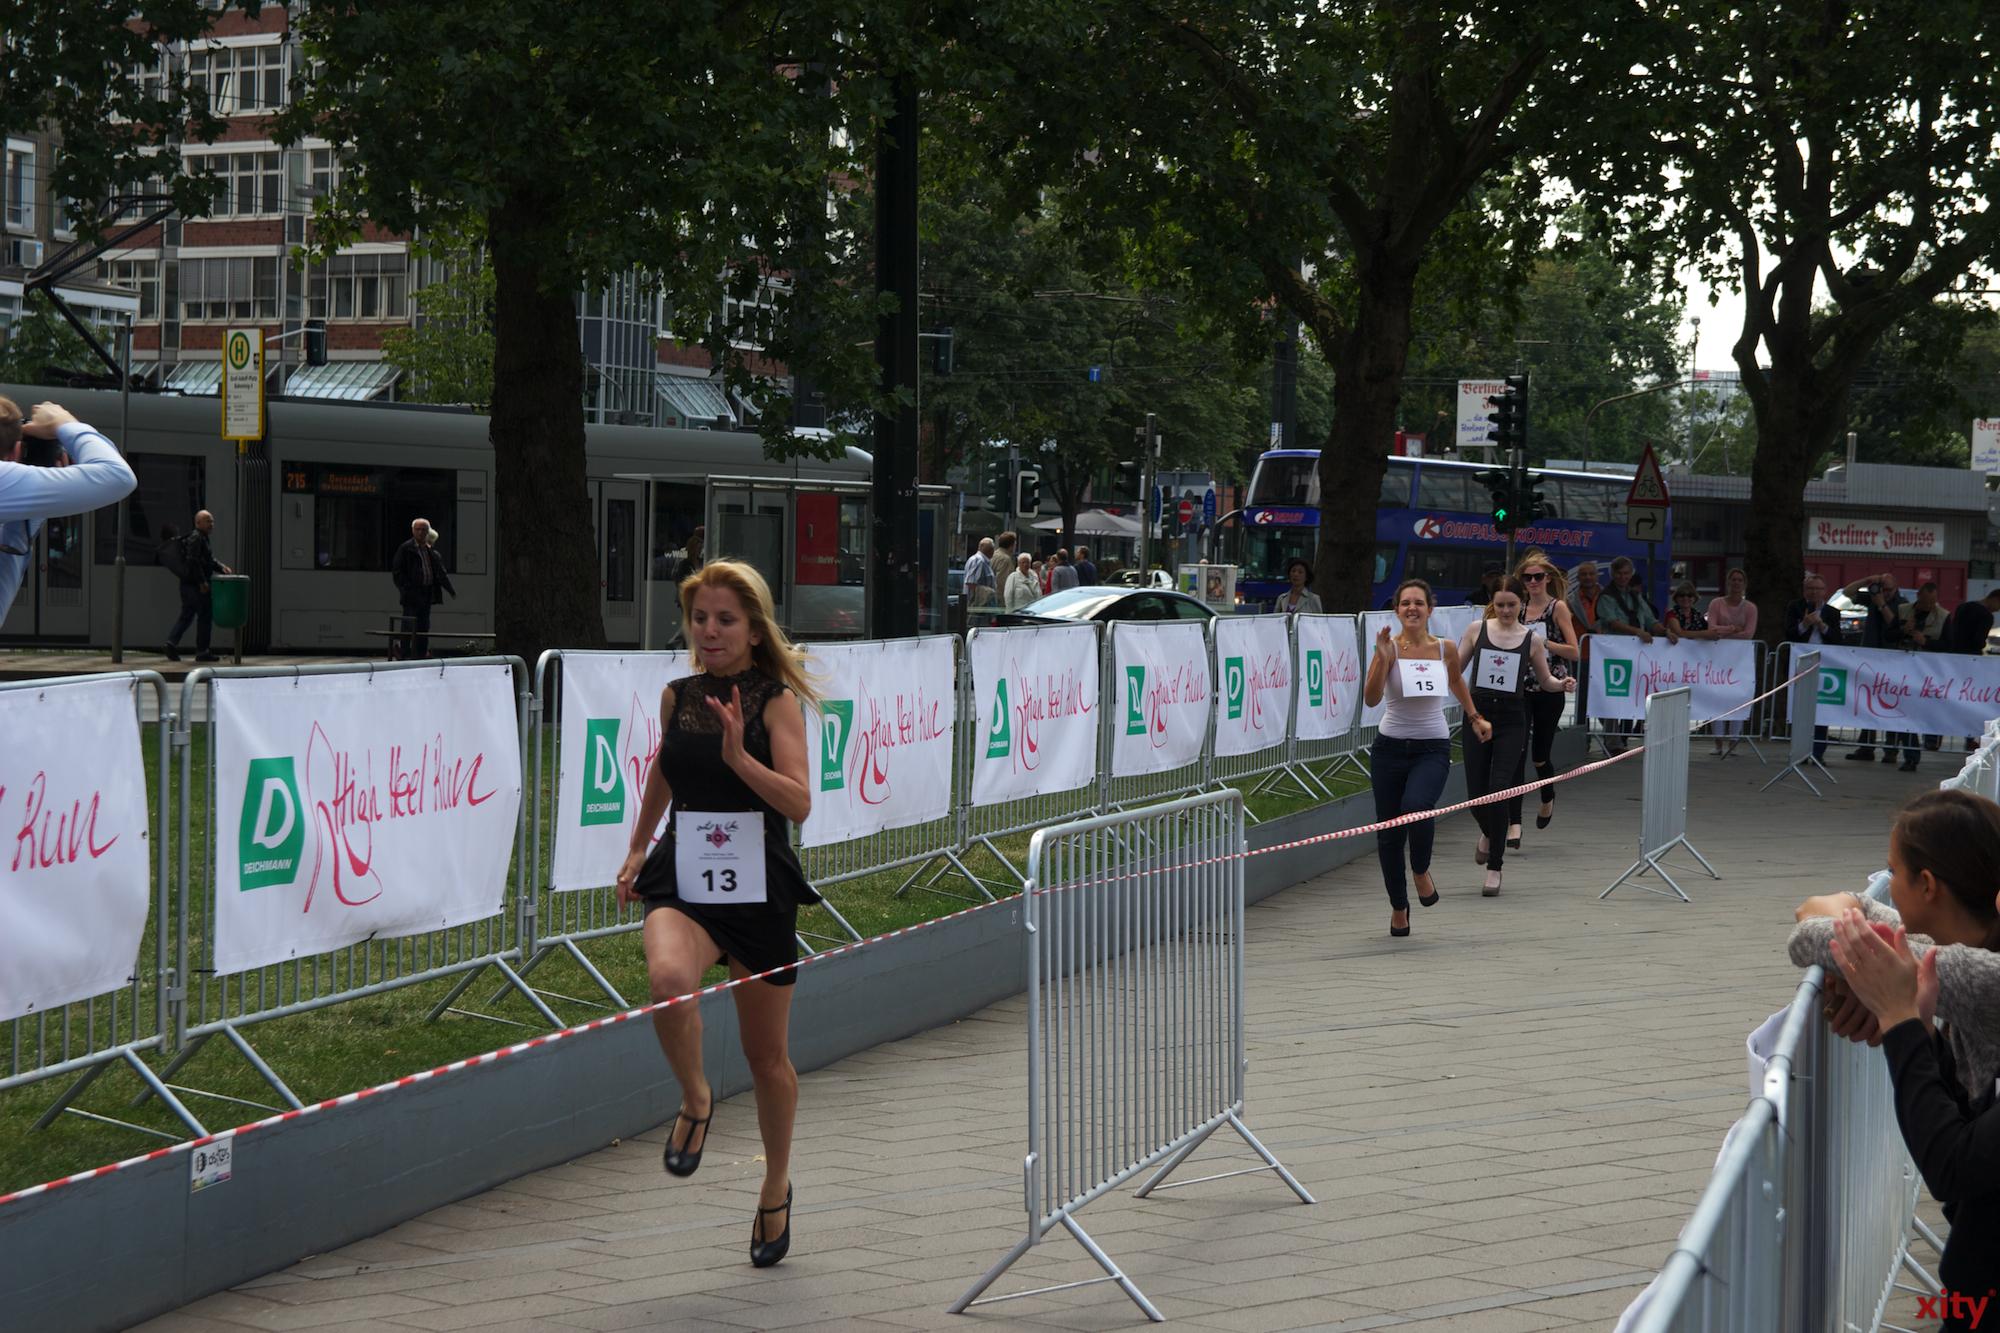 Die Teilnehmerinnen kämpfen um den ersten Platz. (Foto: xity)